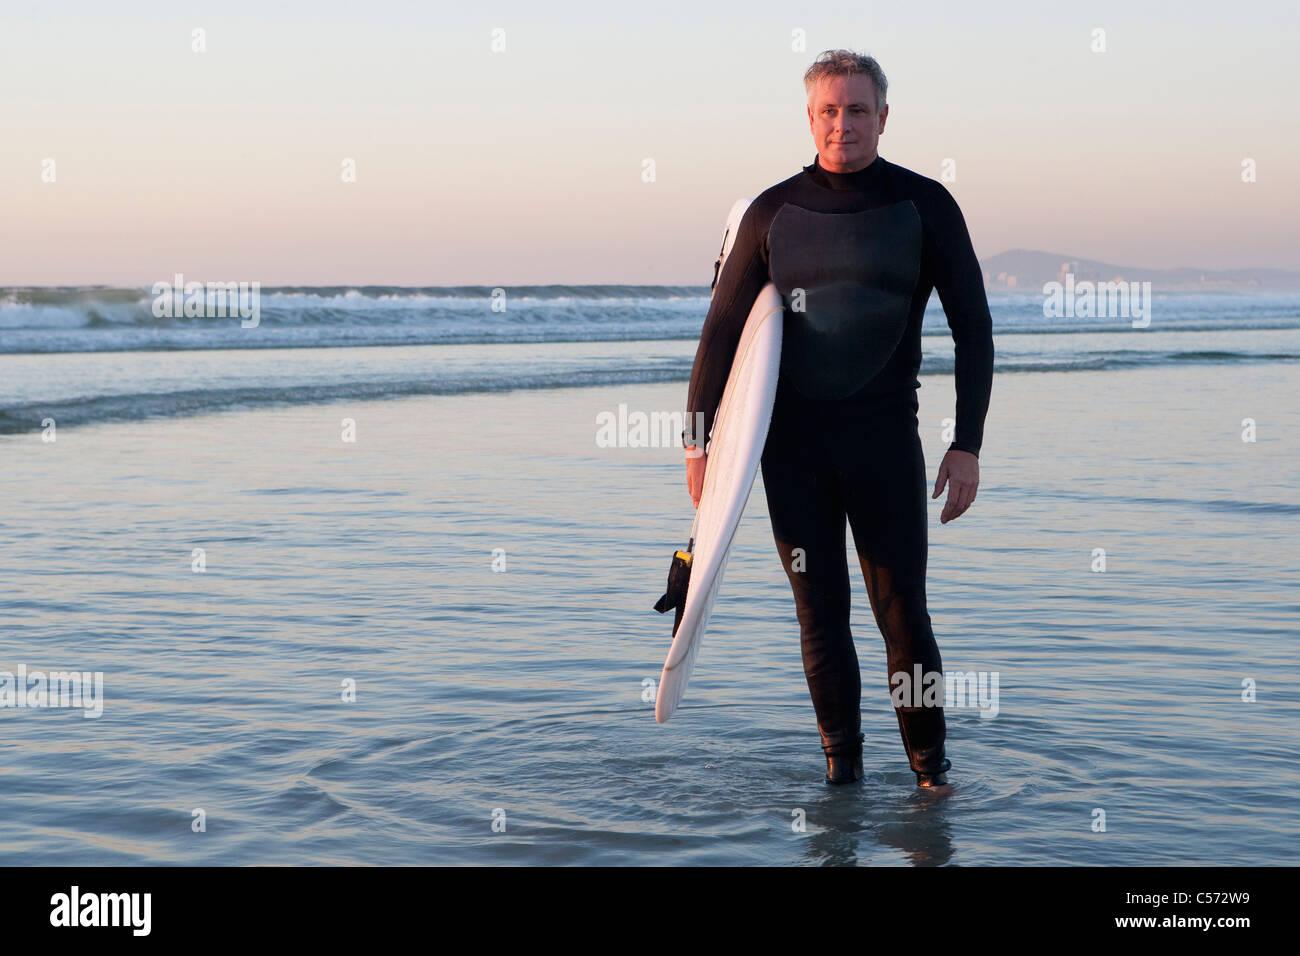 Surfer im Wasser stehend Stockbild